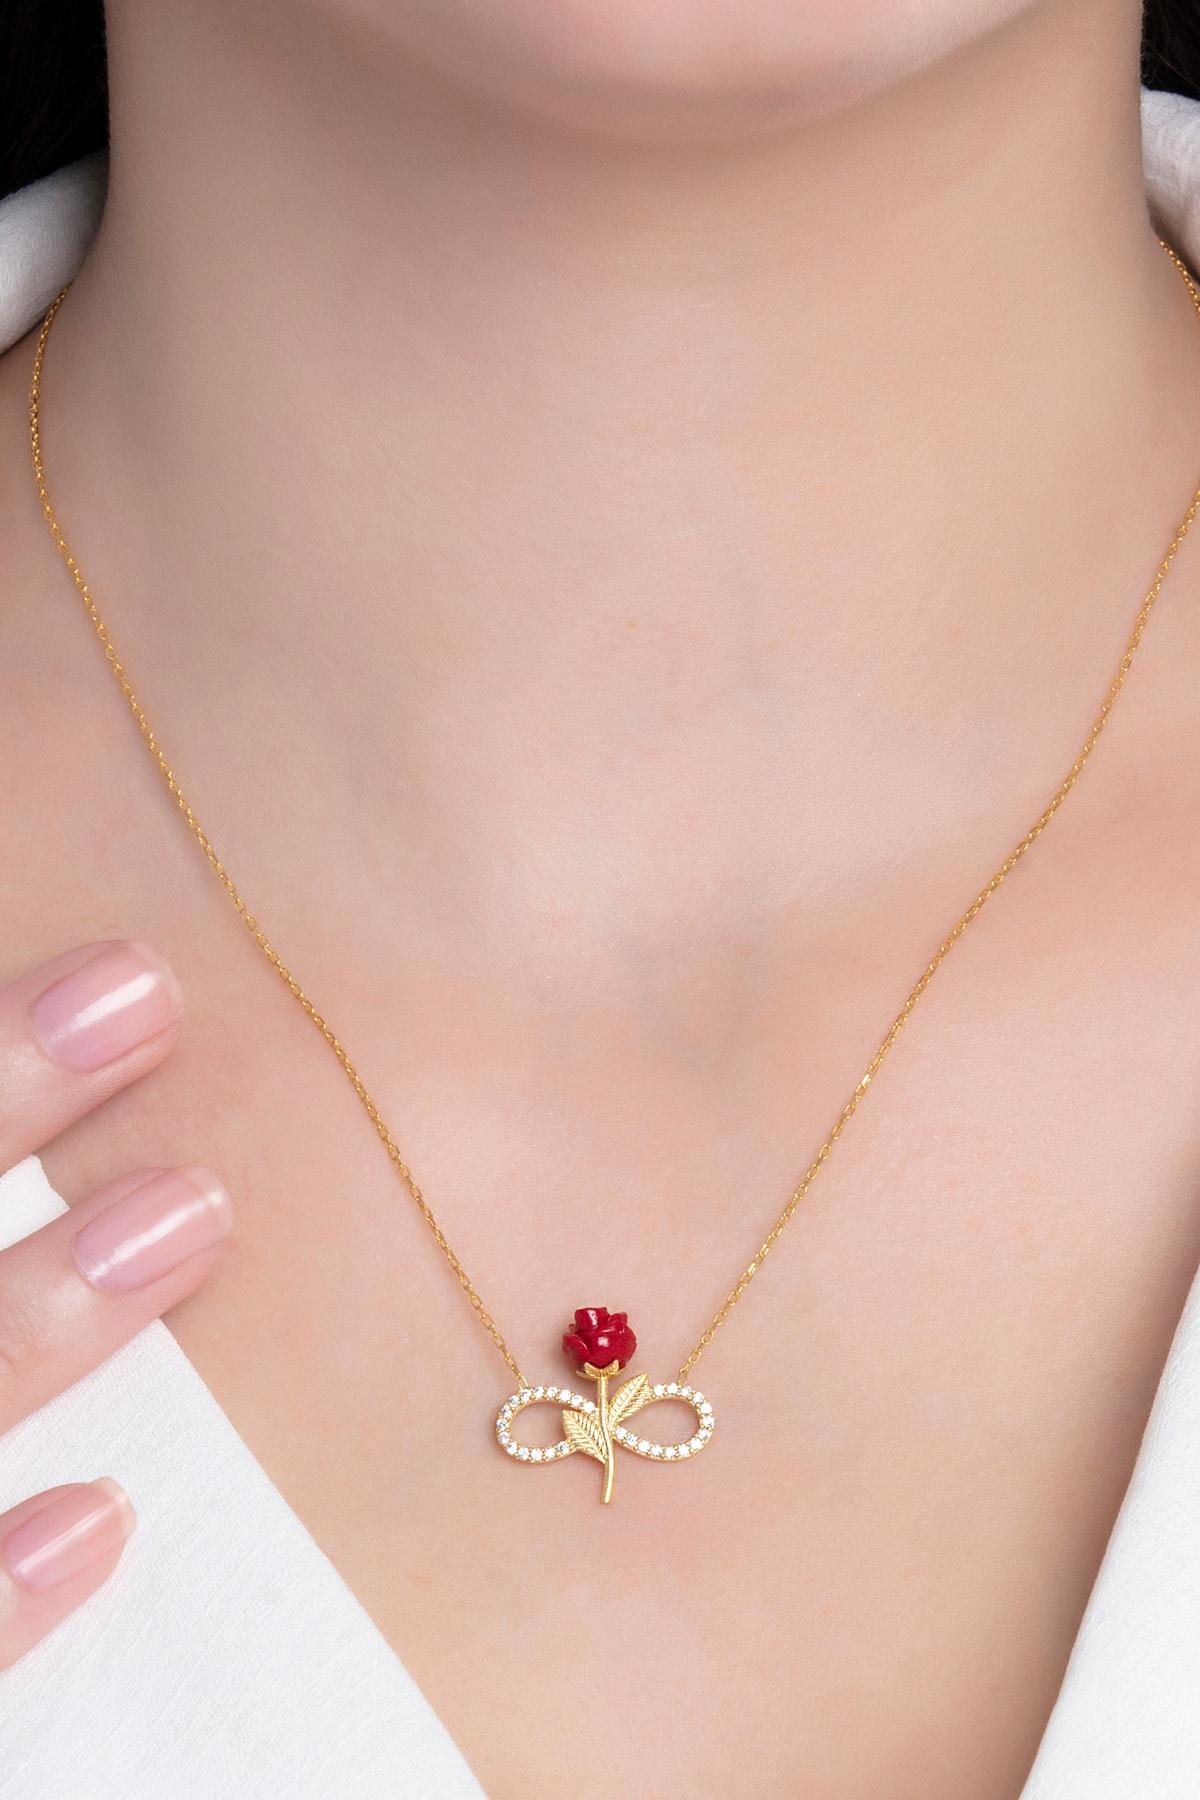 takı tak silver Kadın Tamamı Saf 925 Ayar Gümüş Altın Kaplama Zirkon Taşlı Sonsuzluk Kırmızı Gül Model Kolye 2